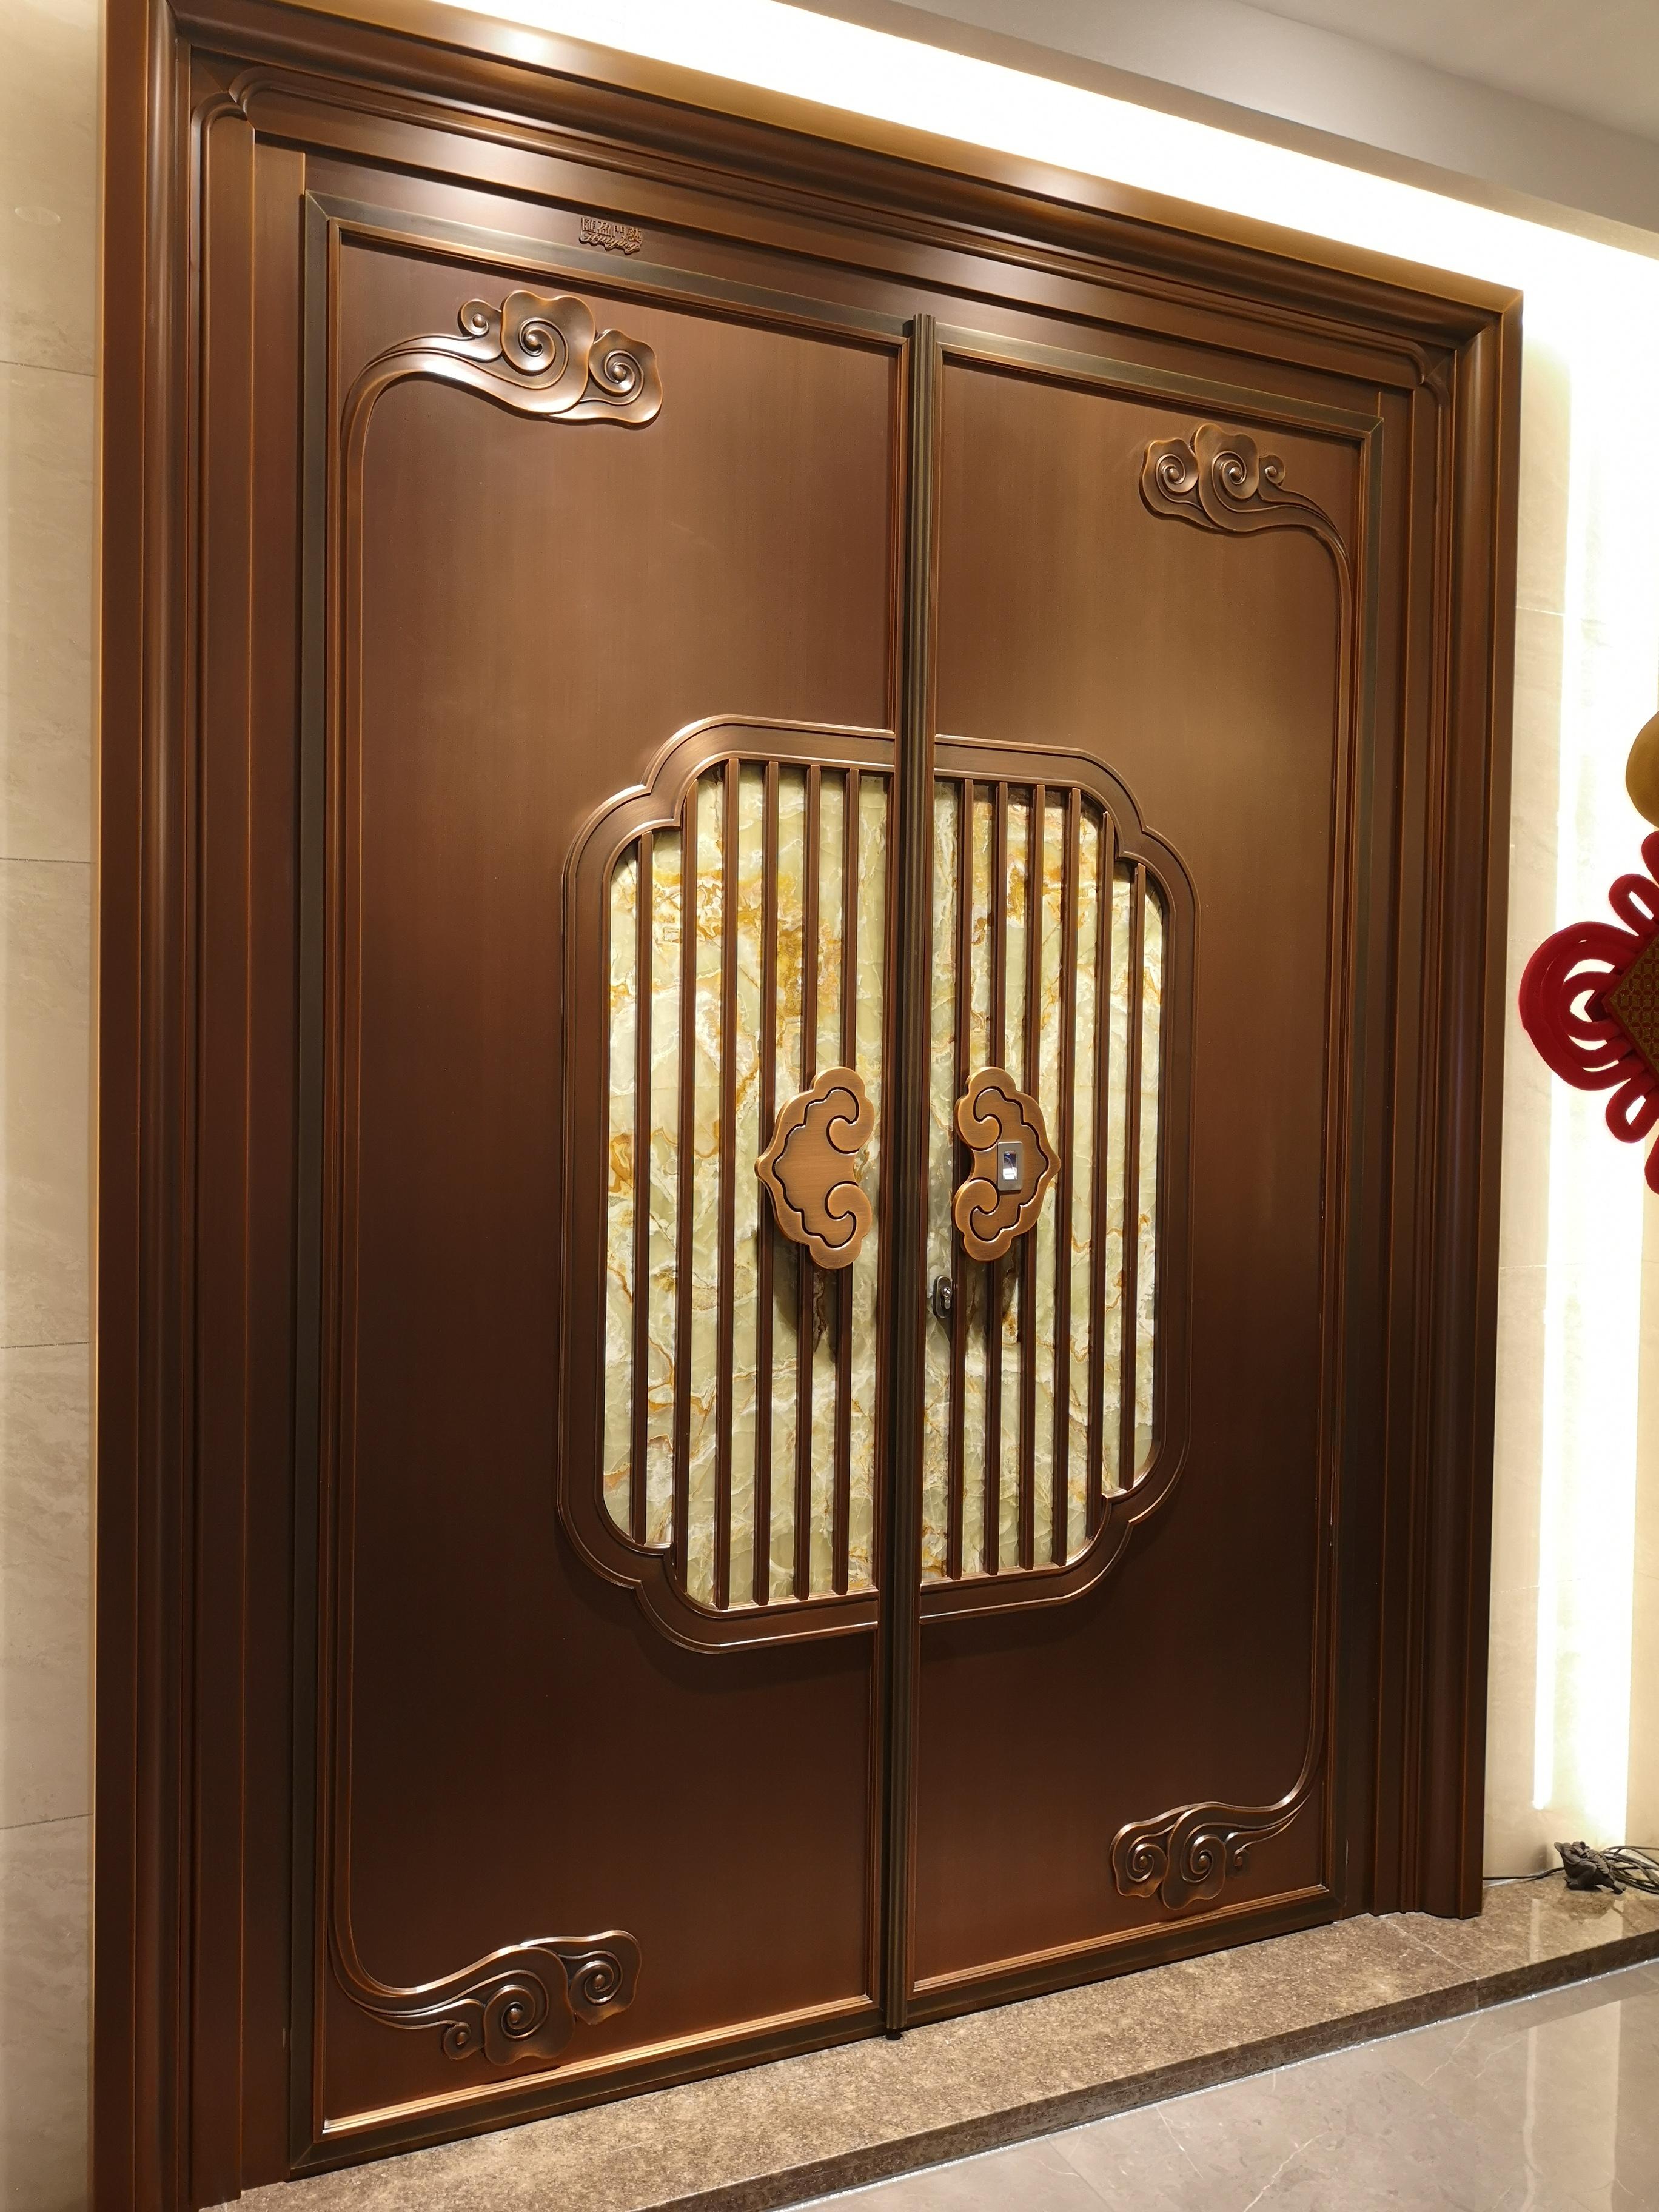 广州聚福龙铜加玉铜门/老品牌质量有保障